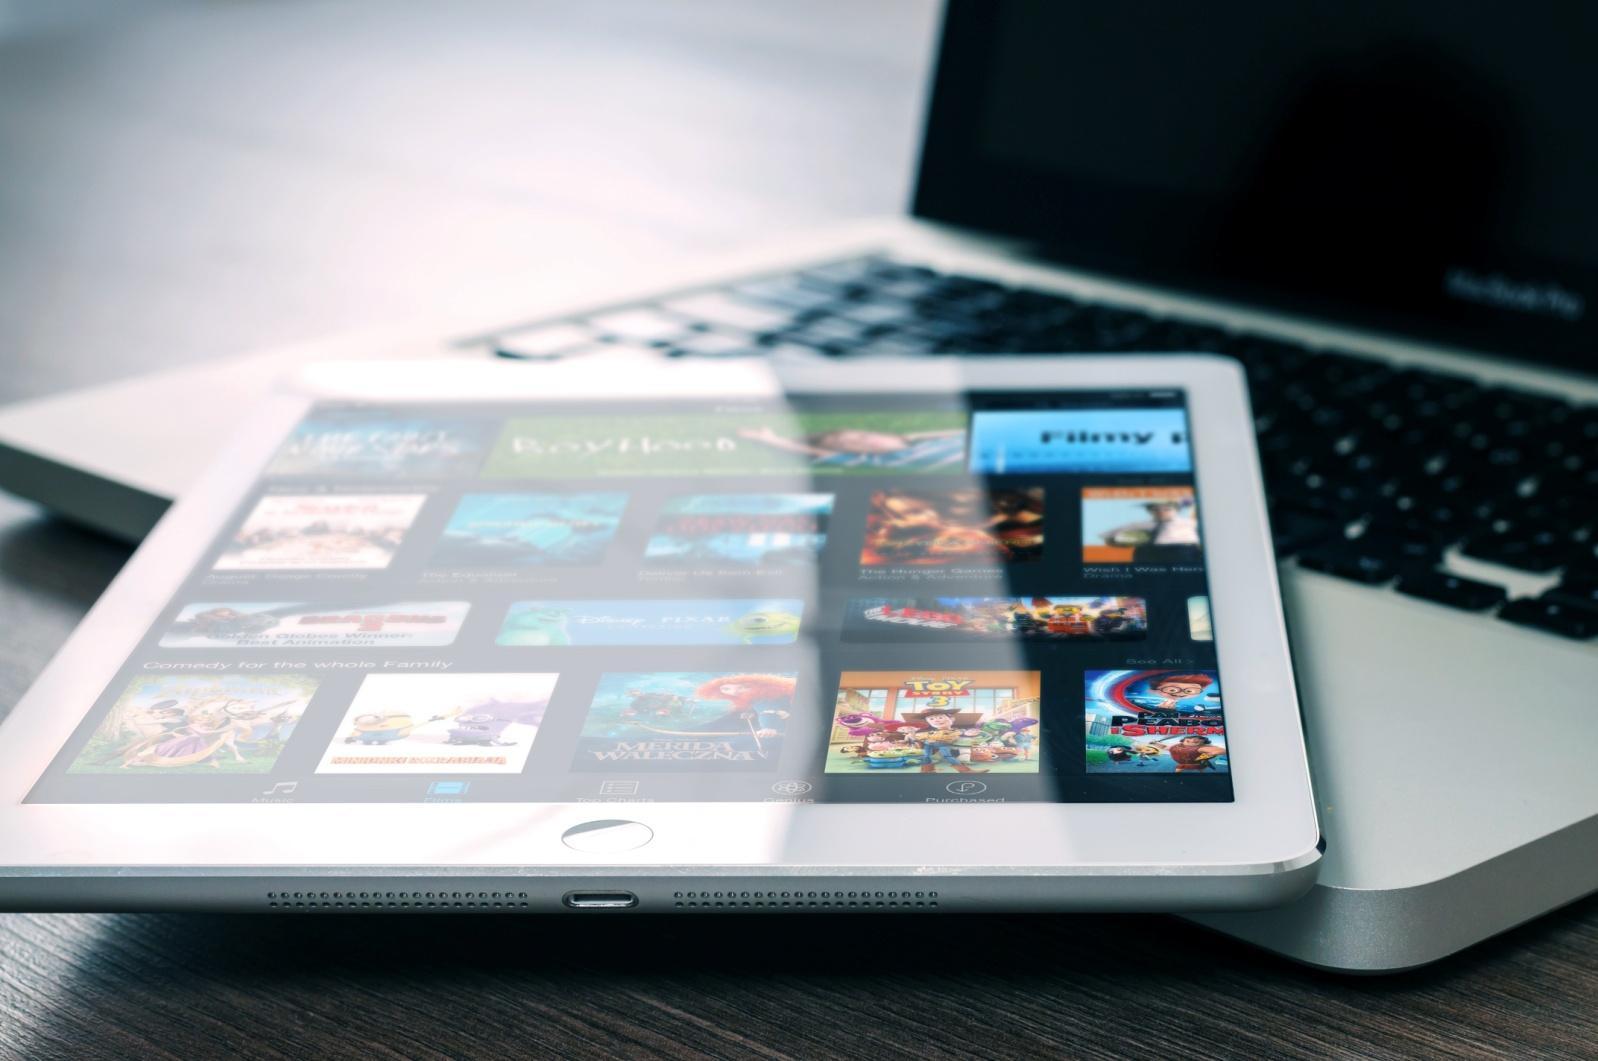 app-entertainment-ipad-mockup-265685.jpg